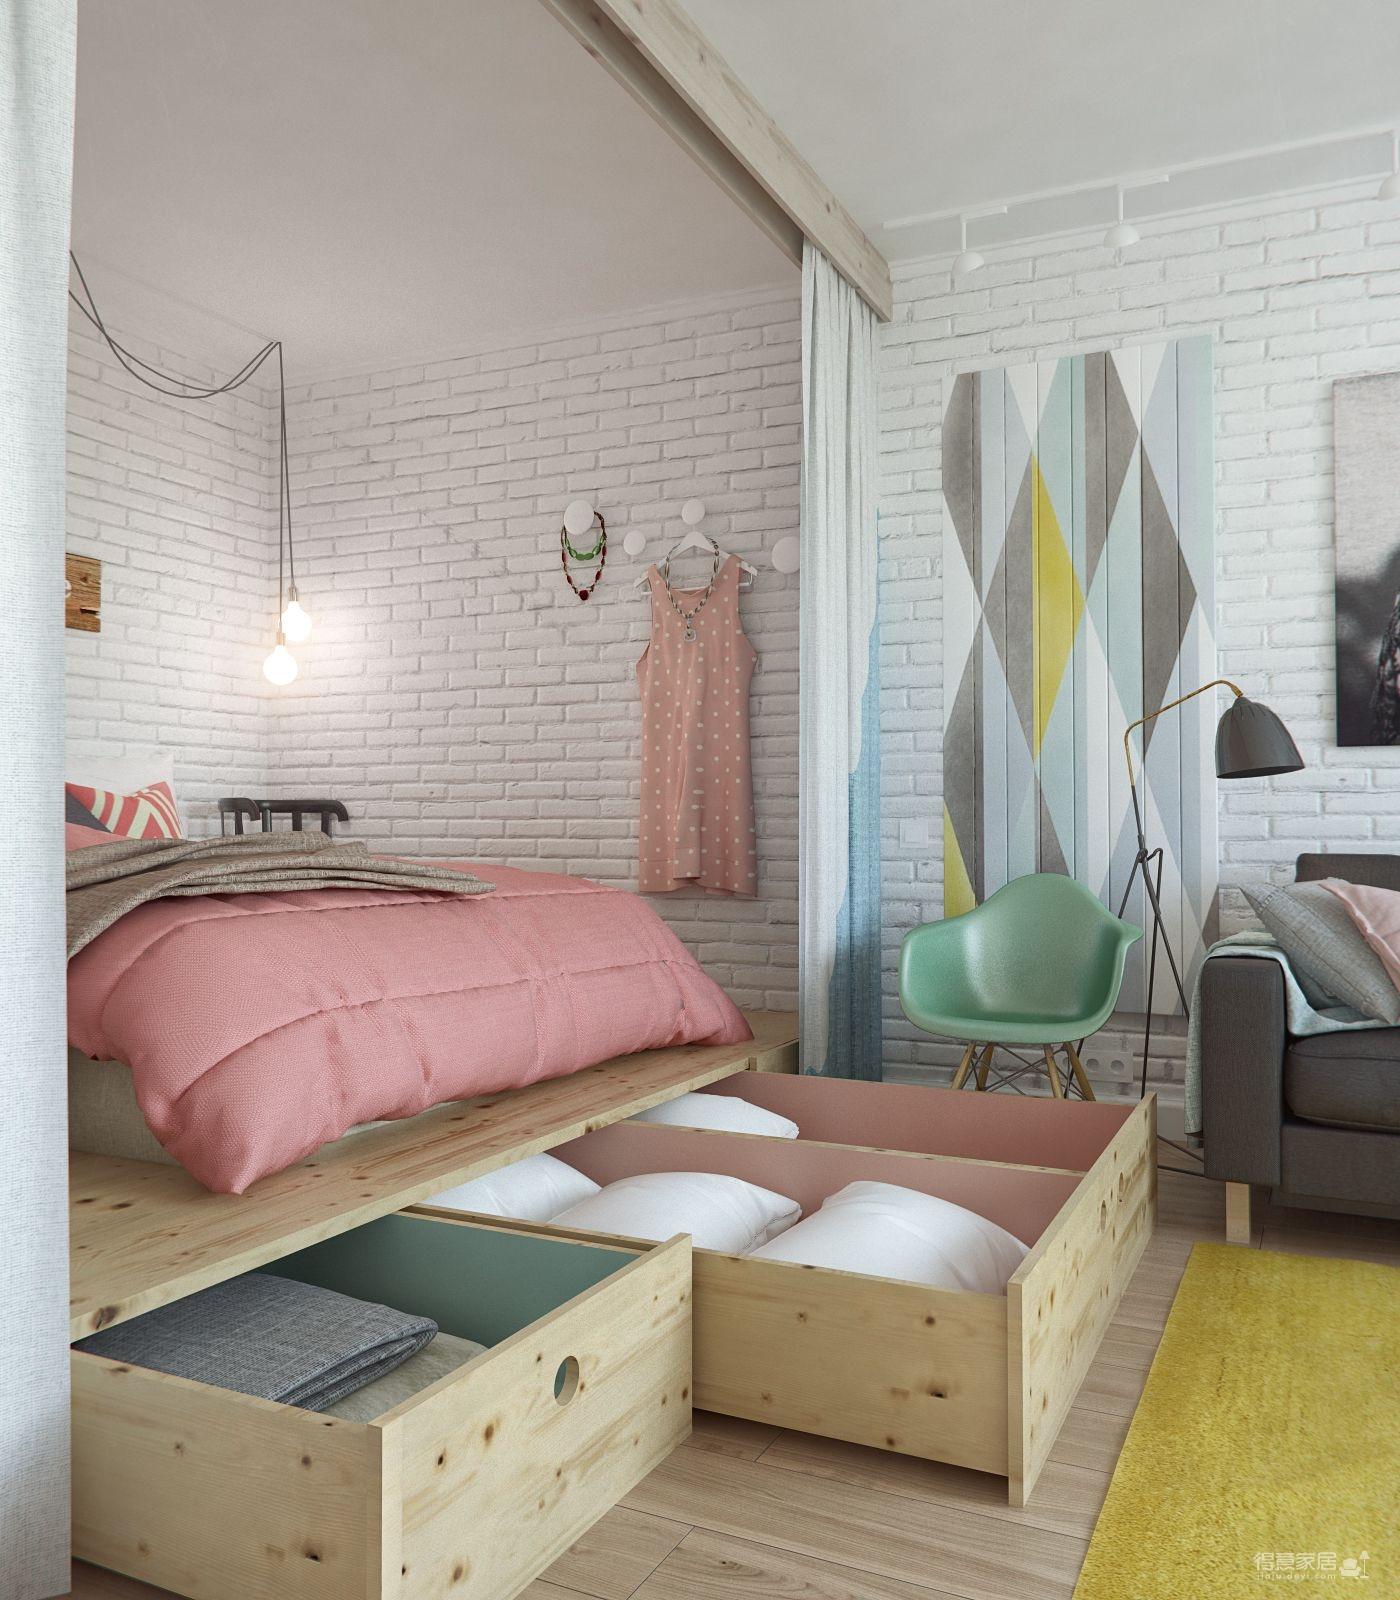 现代清新马卡龙色小屋装修效果图_得意家居装修图库